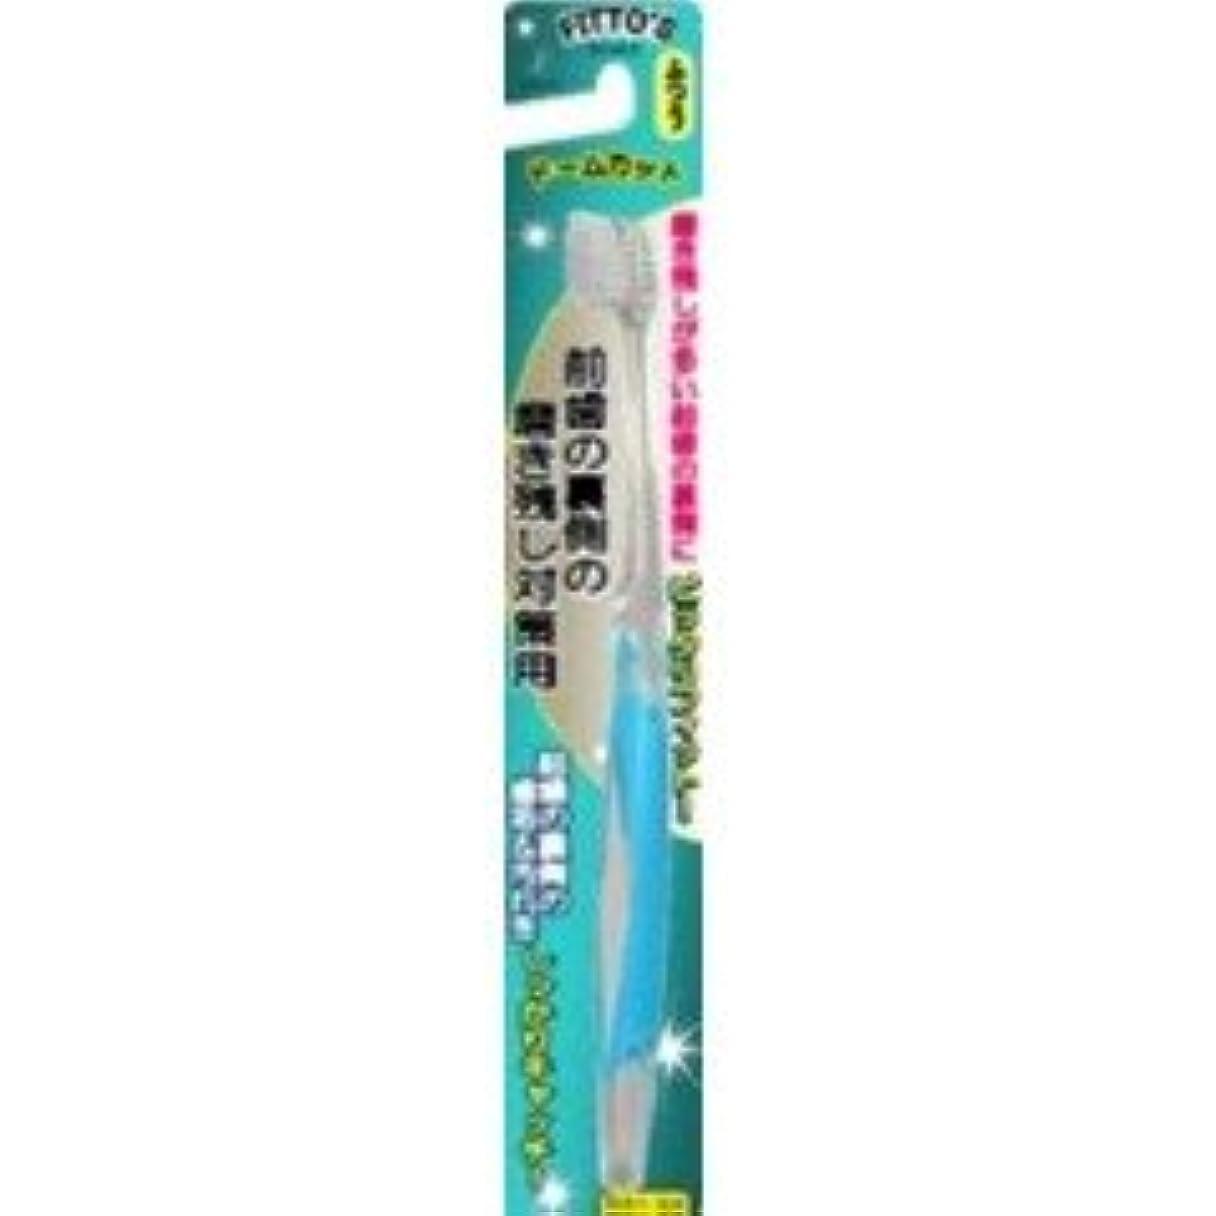 中絶監査伝統的前歯の裏側の磨き残し対策用歯ブラシ フィットス ふつう×3個